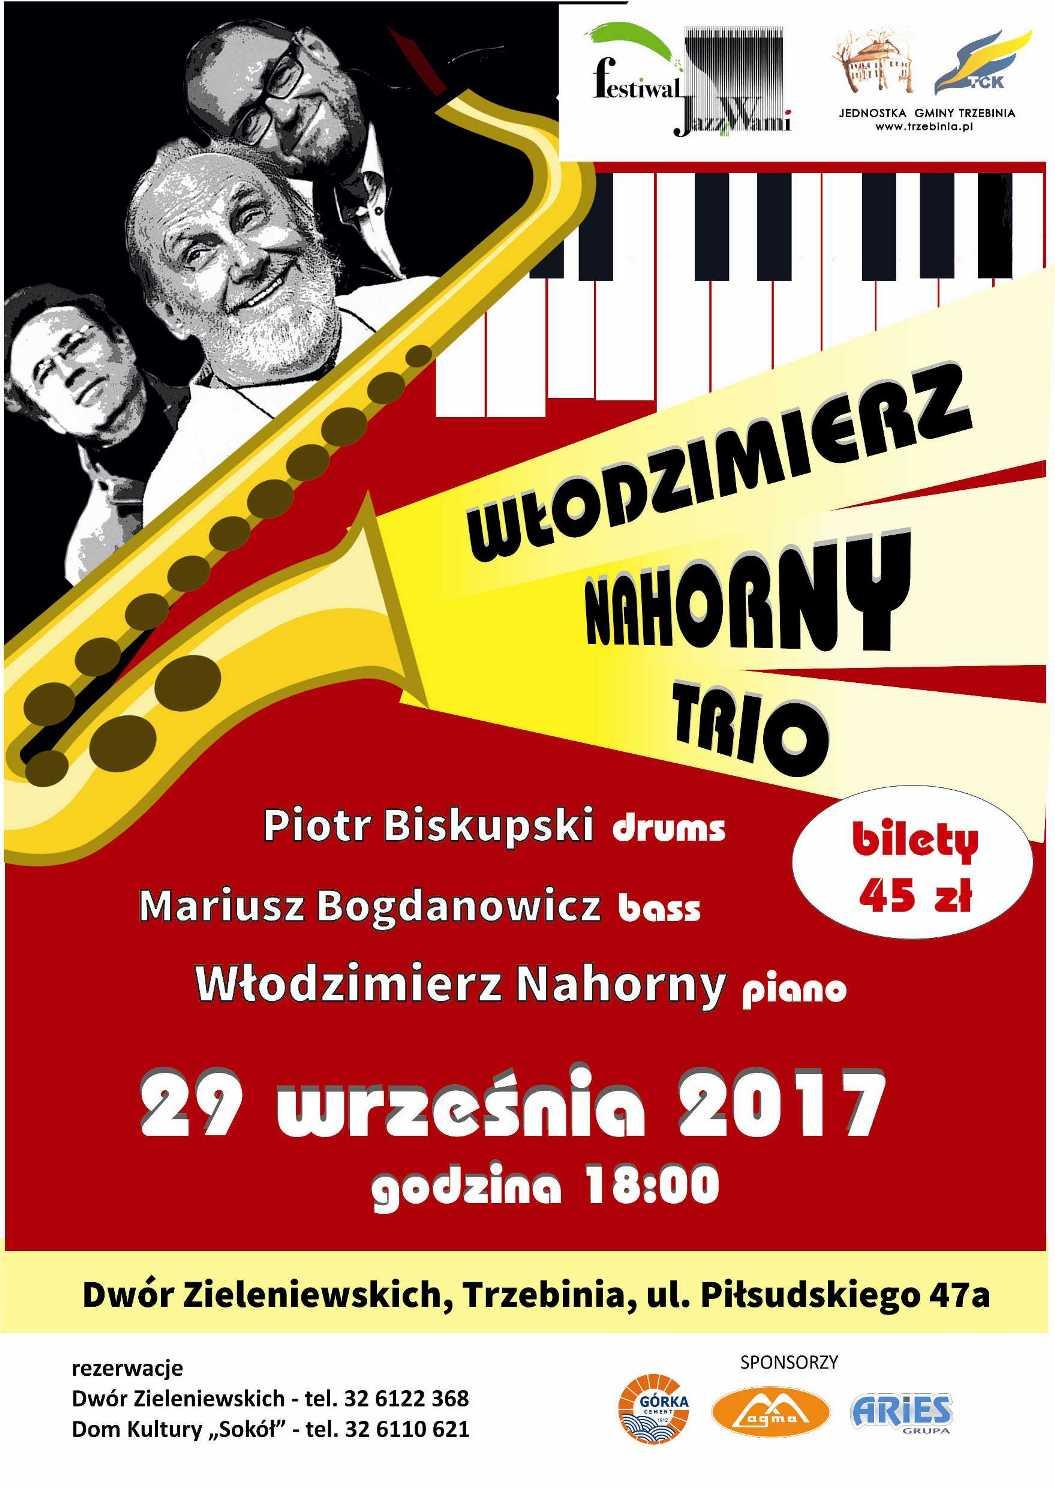 Włodzimierz Nahorny Trio w Dworze Zieleniewskich